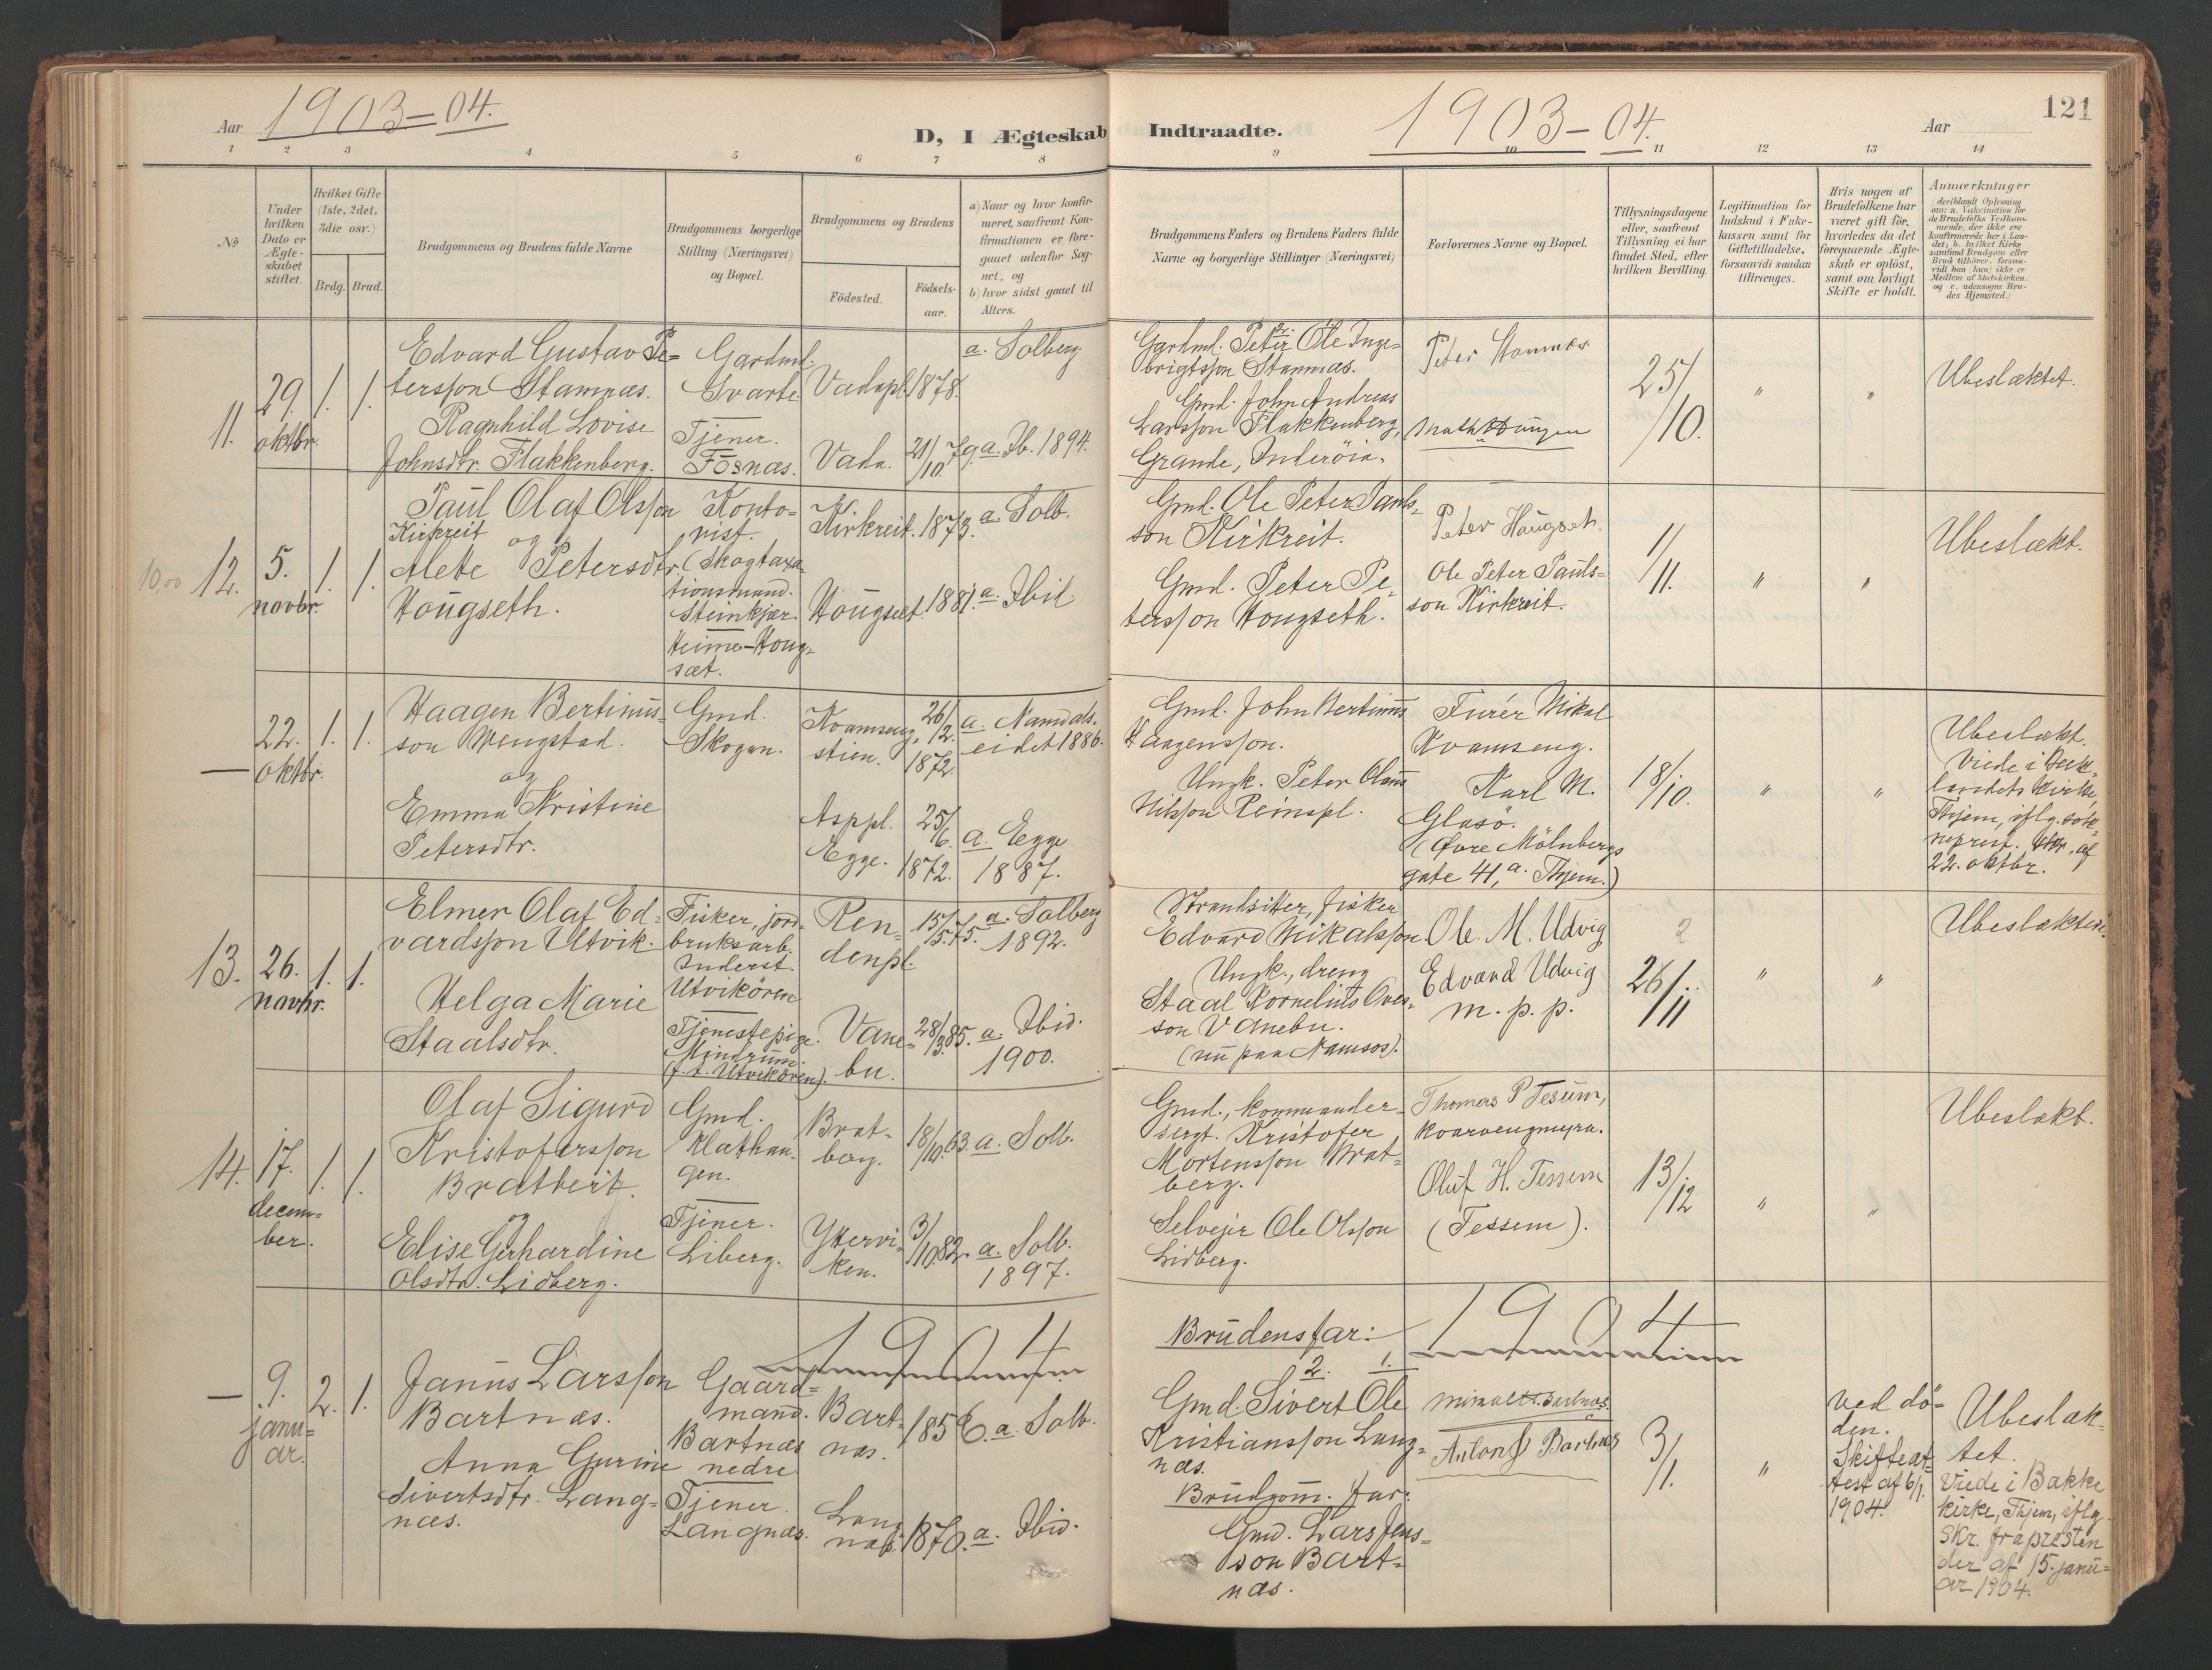 SAT, Ministerialprotokoller, klokkerbøker og fødselsregistre - Nord-Trøndelag, 741/L0397: Ministerialbok nr. 741A11, 1901-1911, s. 121